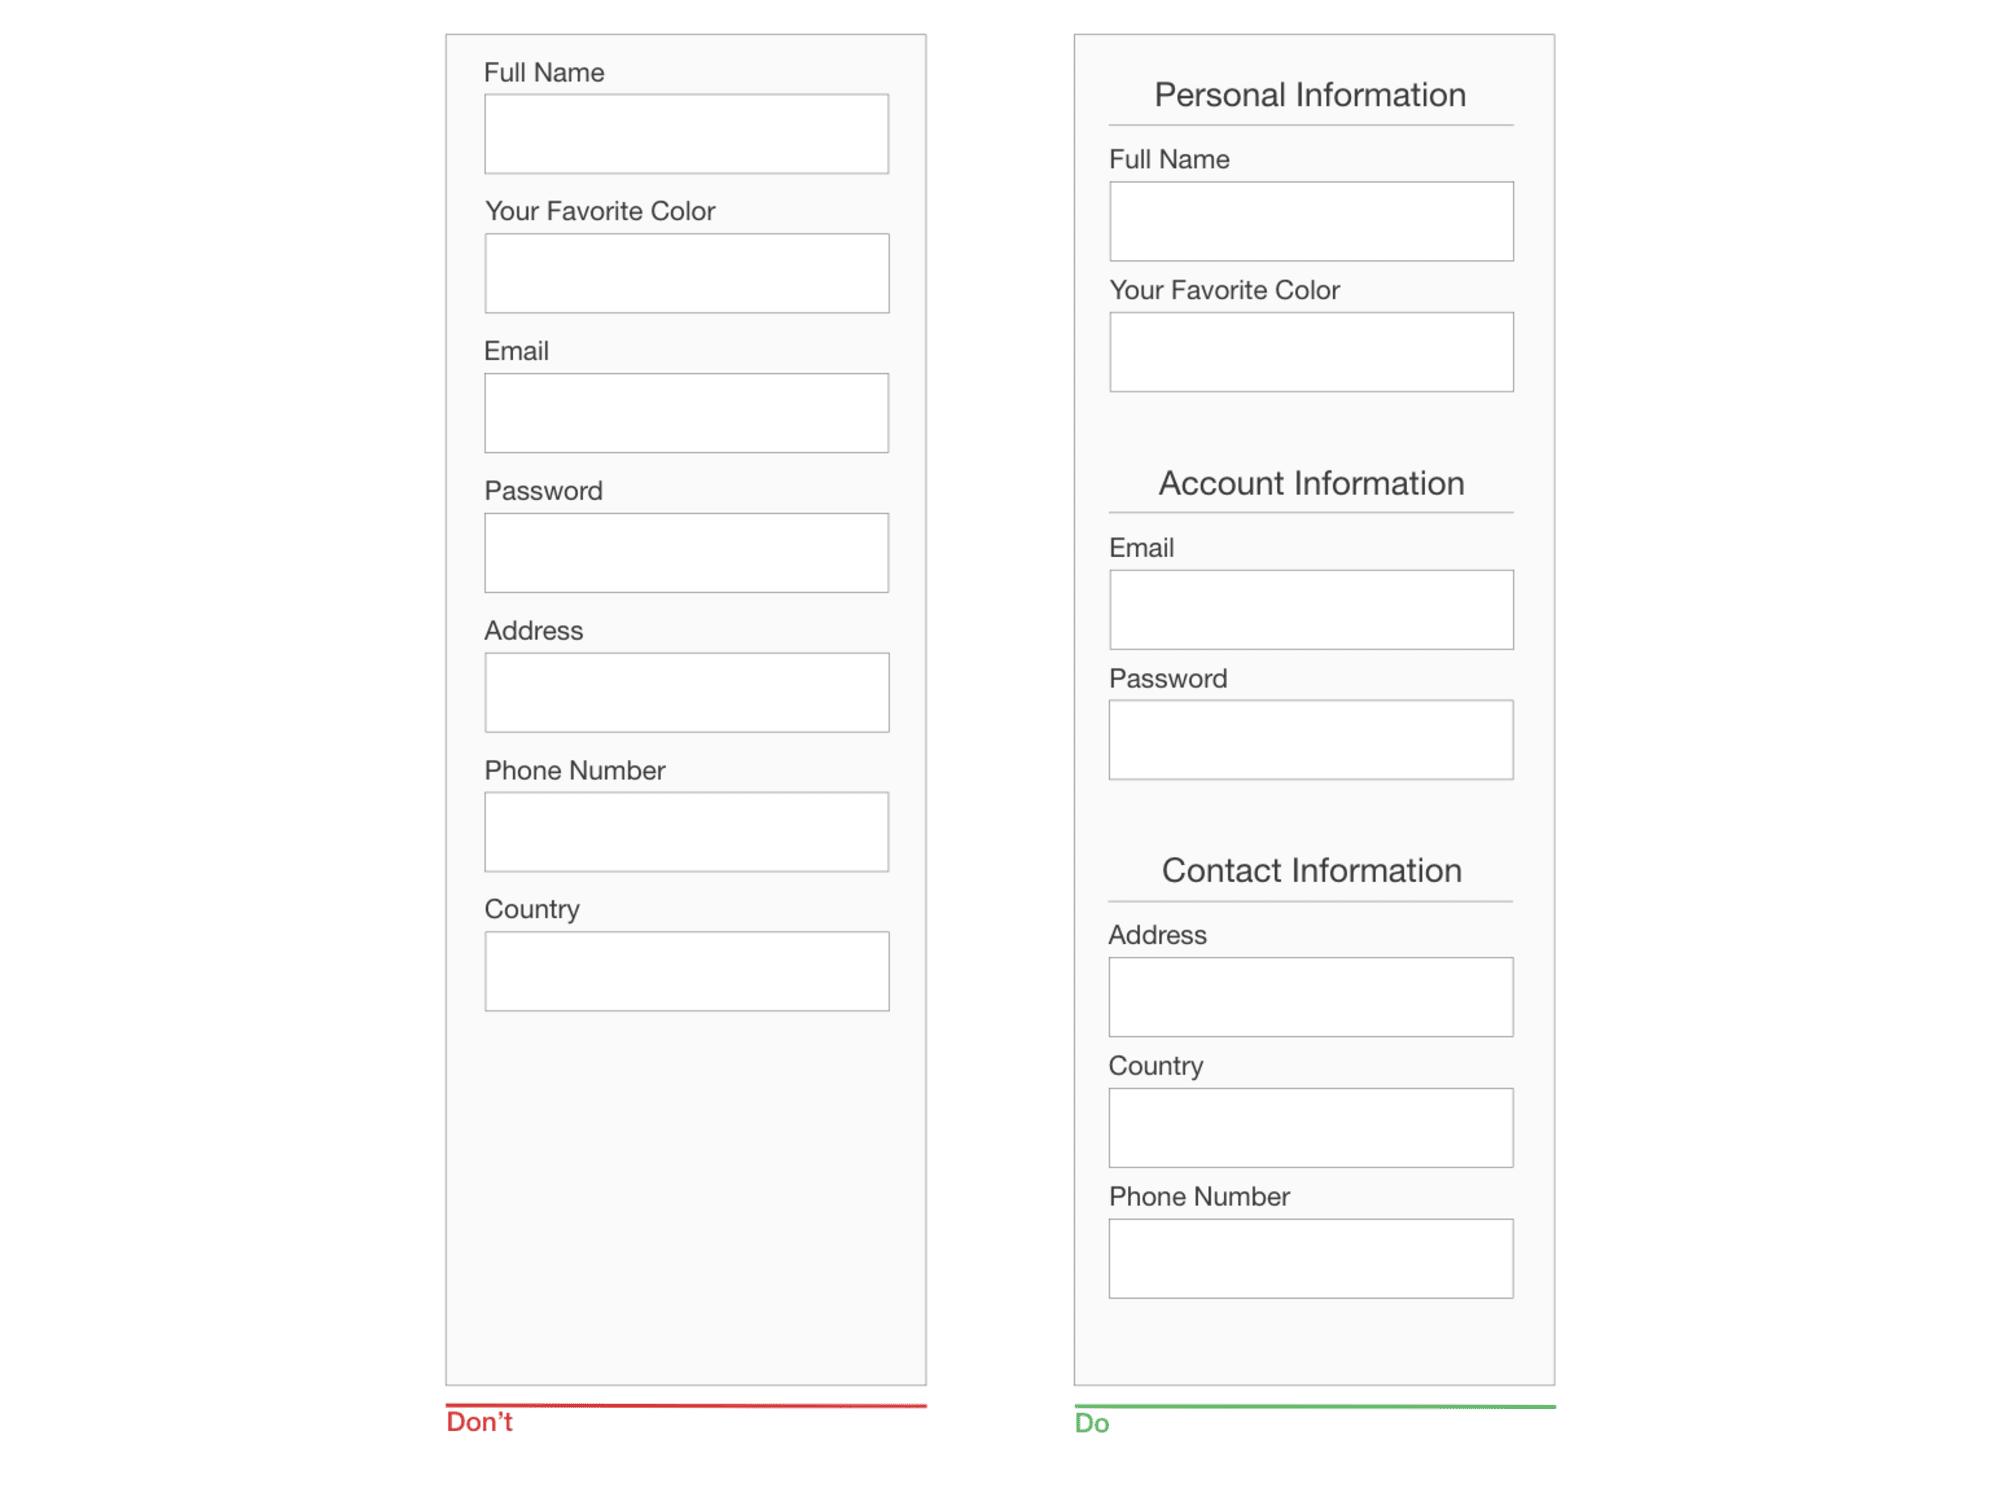 Design a form